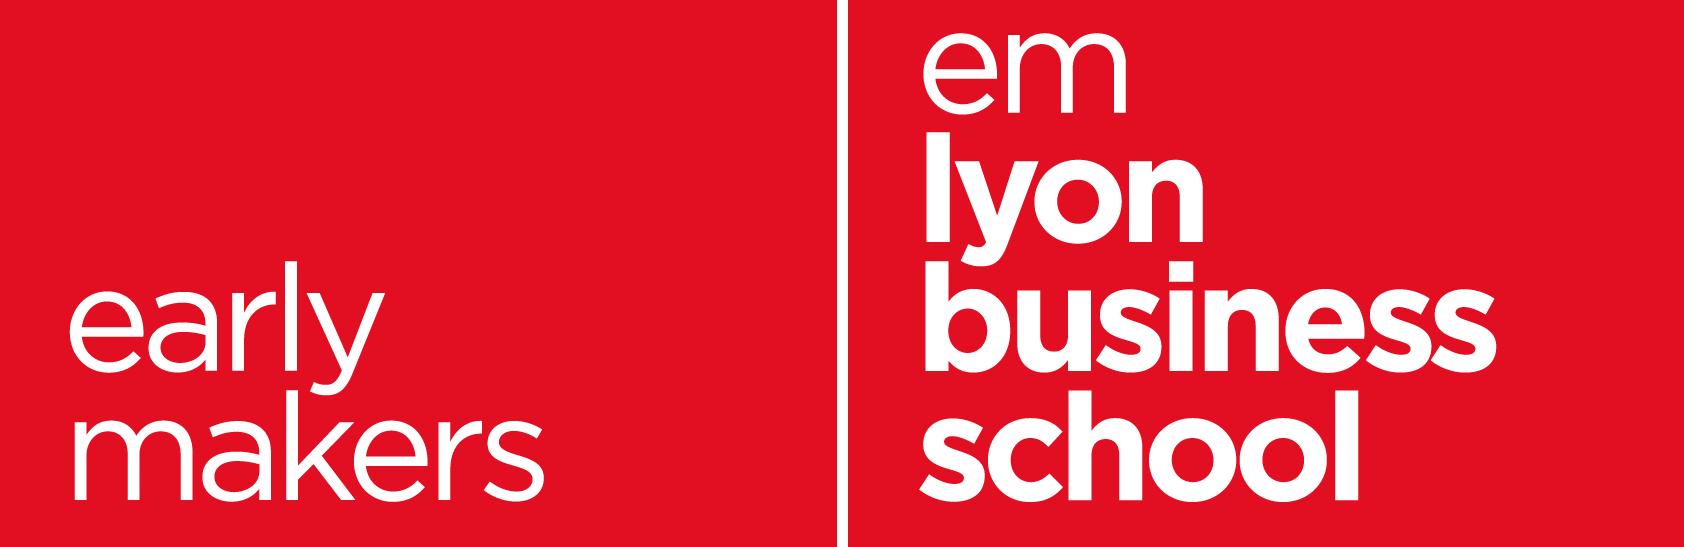 EM Lyon, business school, lyon, france, alliance française de lyon, partenariat